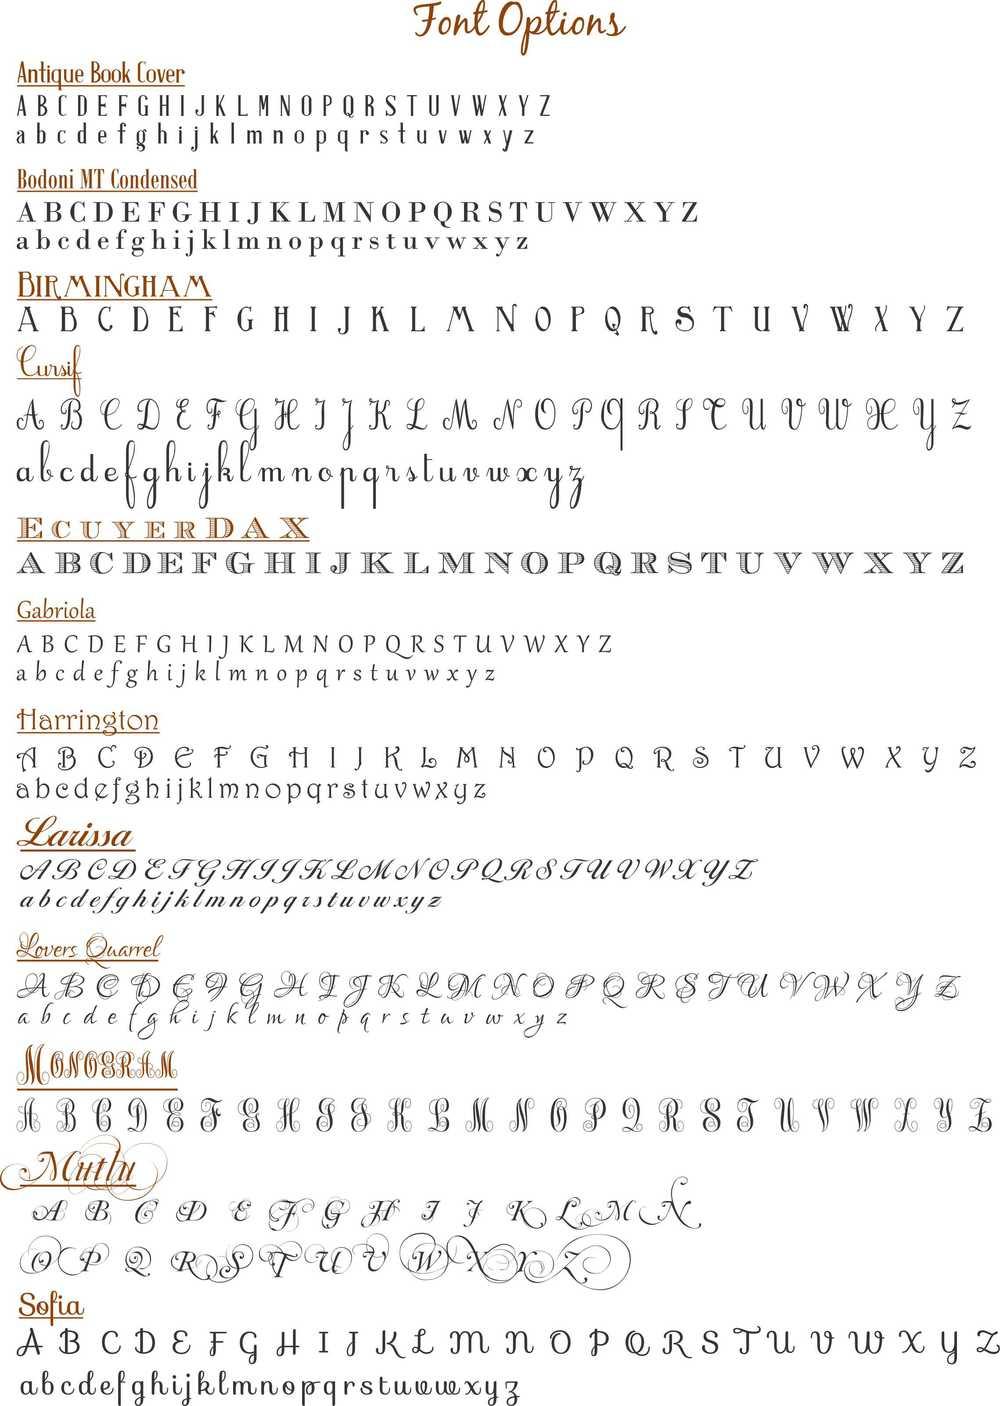 Font Choices.jpg